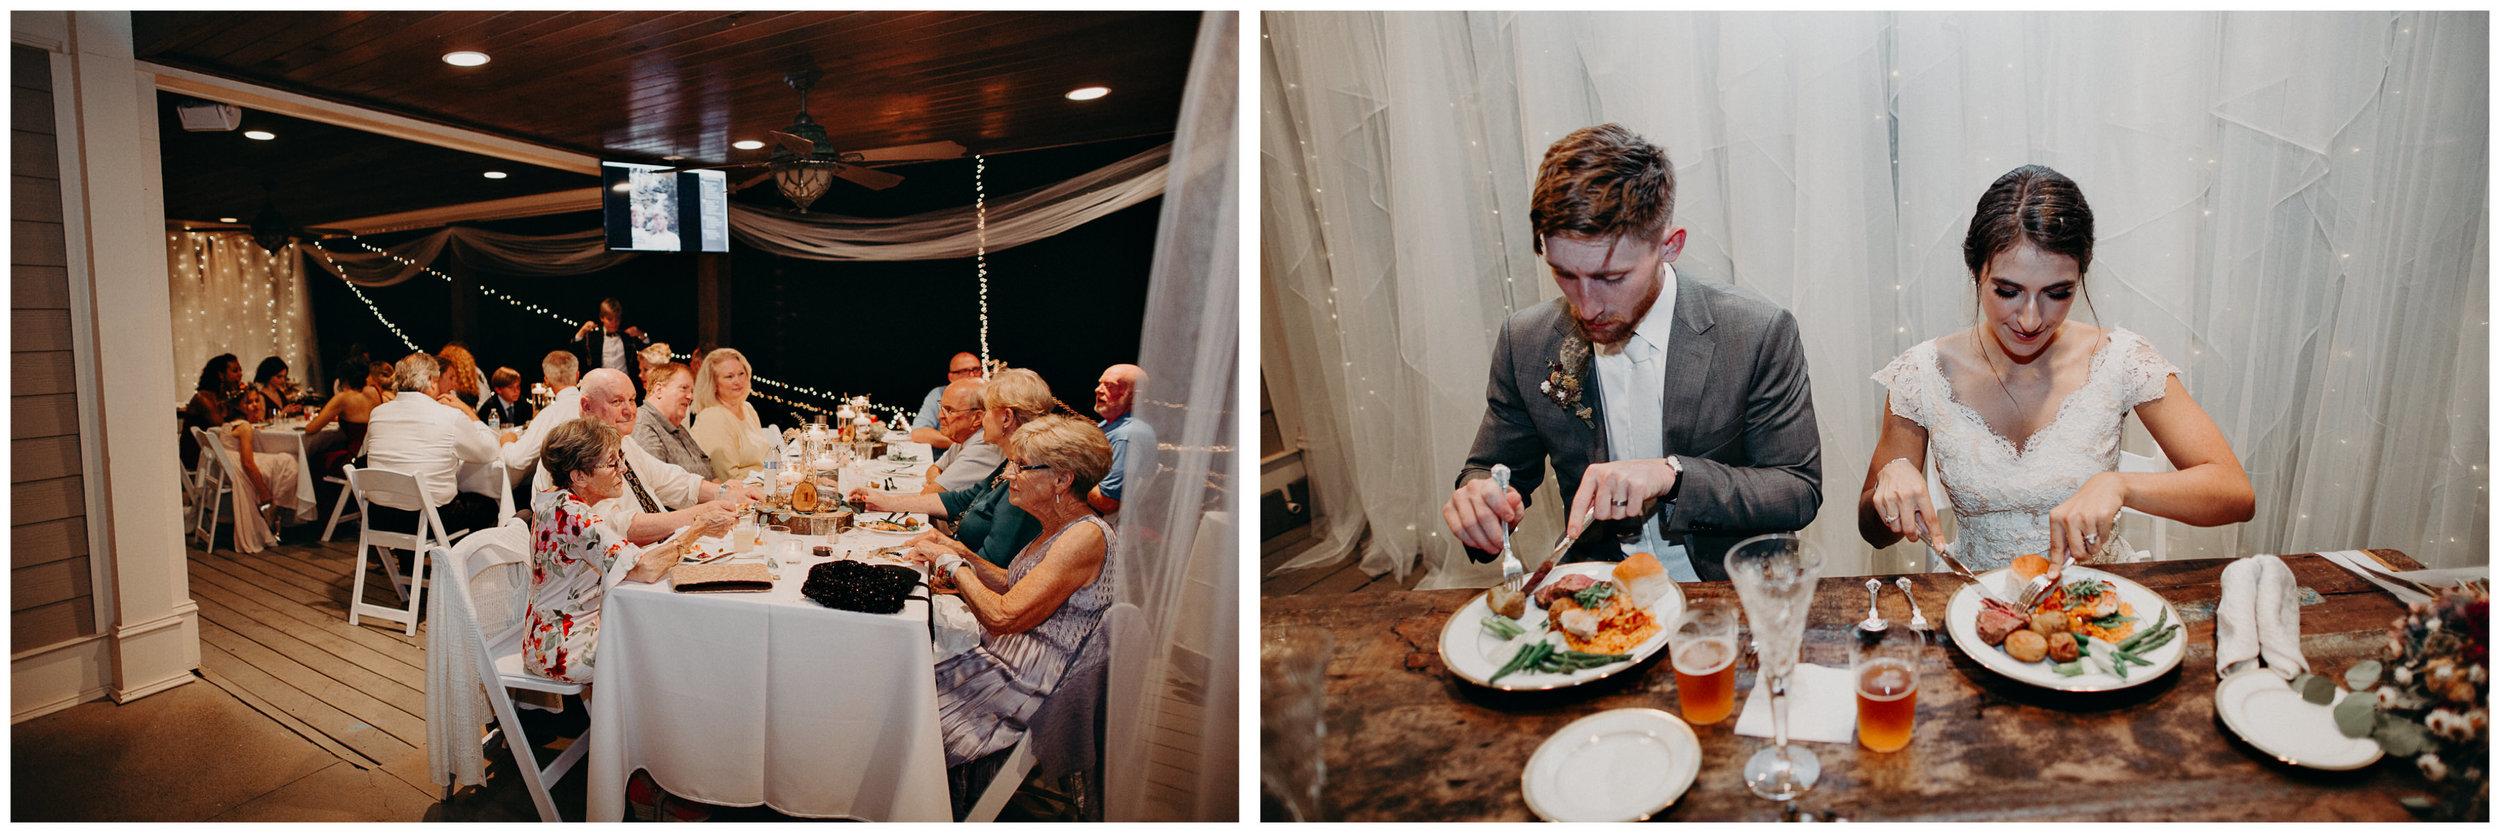 109.1 Wedding details .jpg